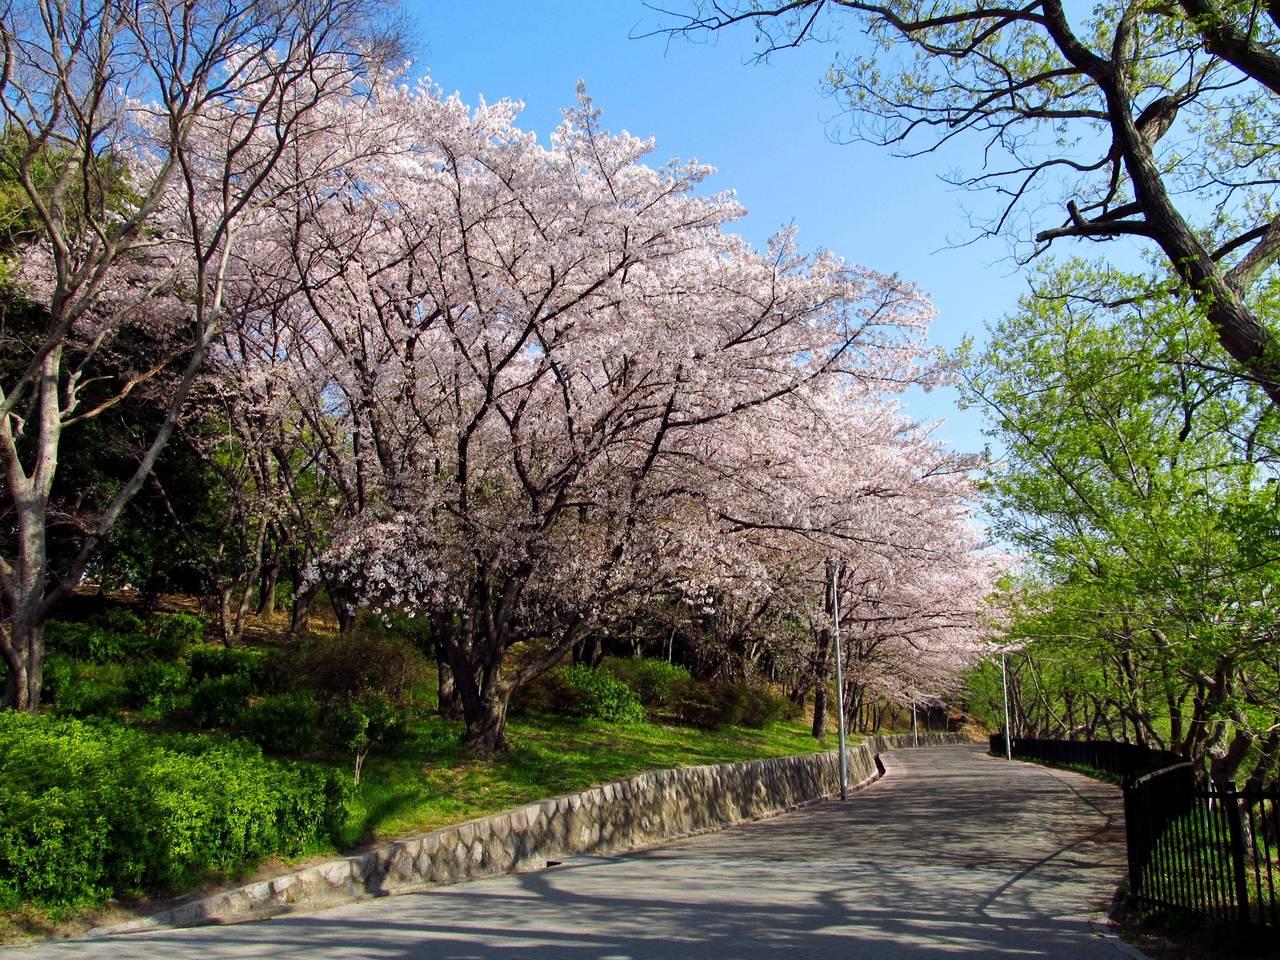 【早上景點】慢跑漫步皆相宜♪大阪人氣運動景點推薦